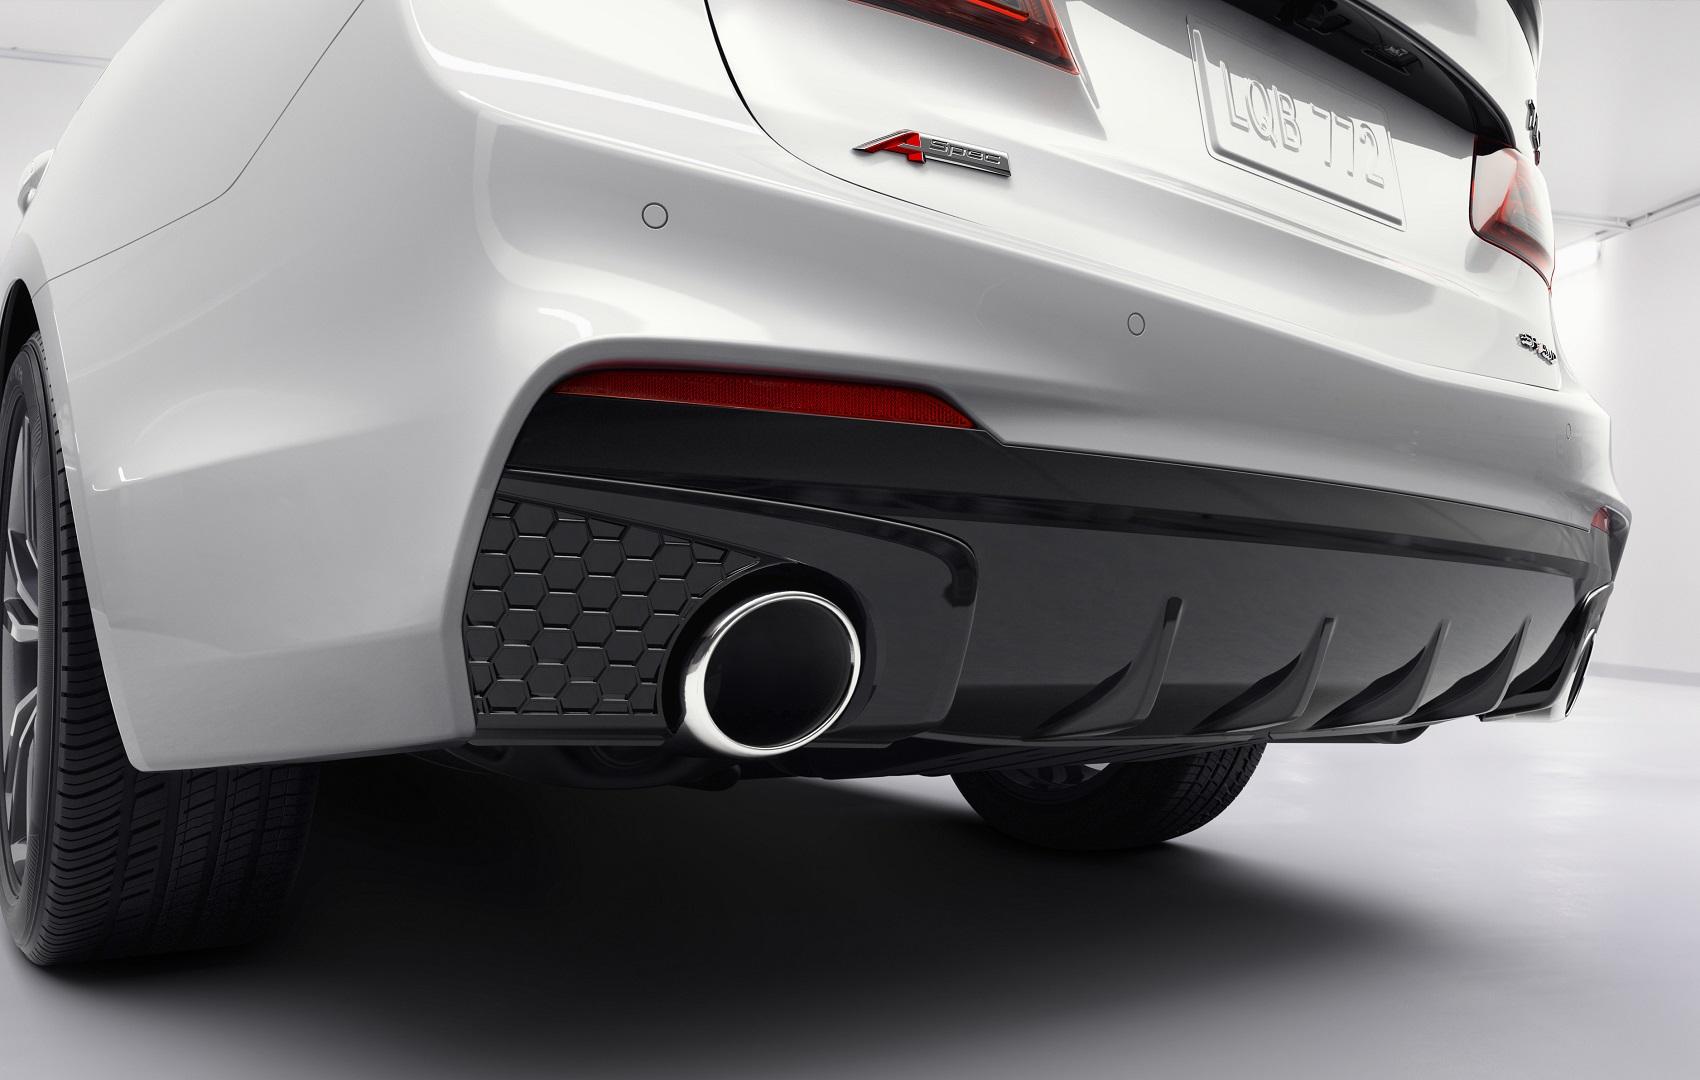 2019 Acura TLX Engine Specs